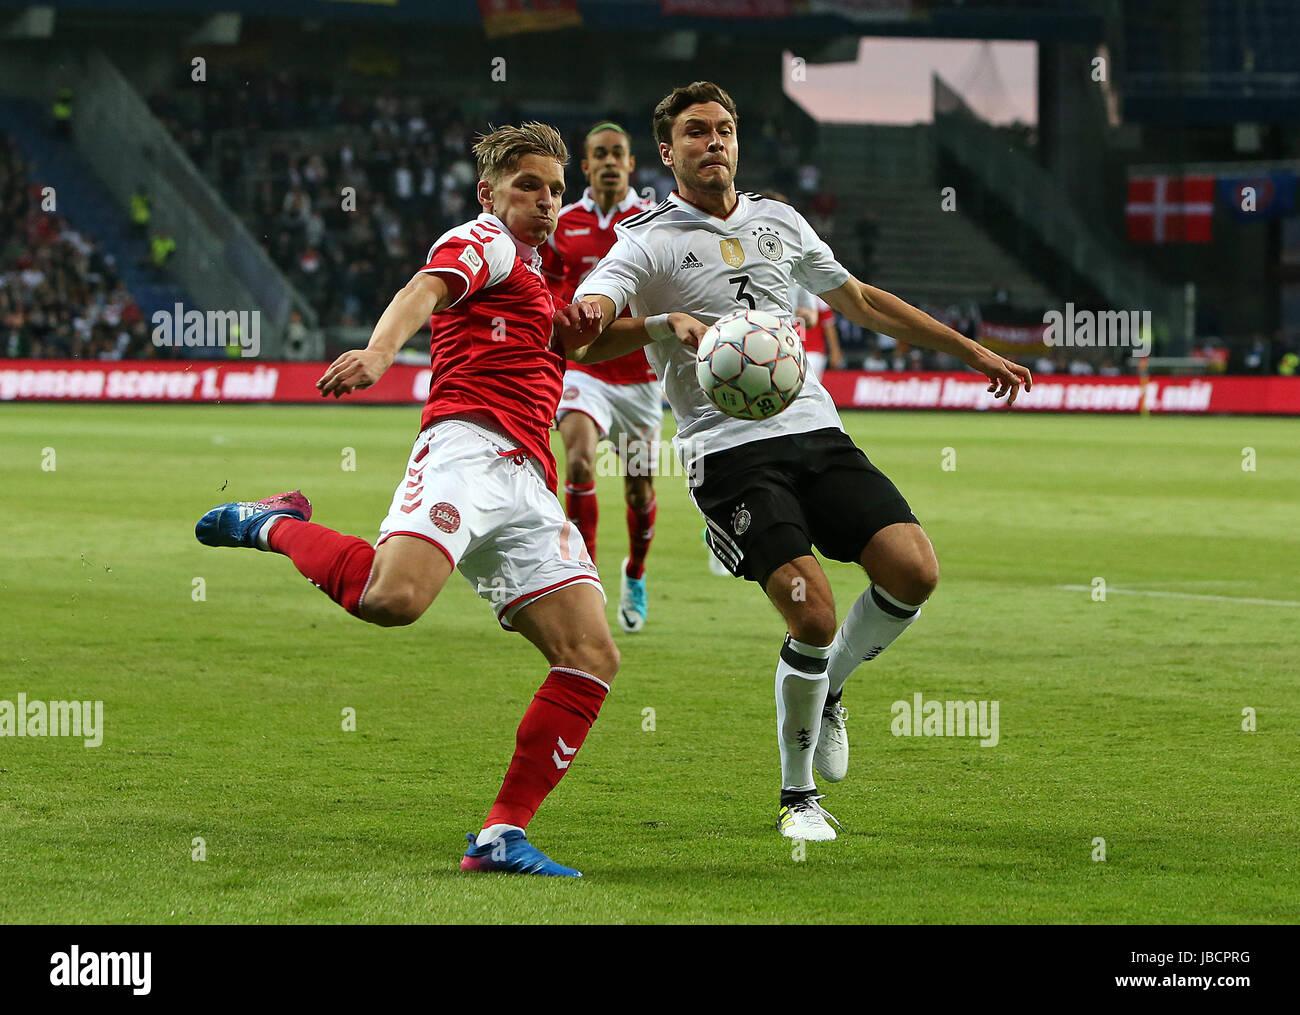 06.06.2017, Fussball Länderspiel, Dänemark - Deutschland, in Brondby Stadion Kopenhagen, v.l. Jens Stryger Larsen Stock Photo